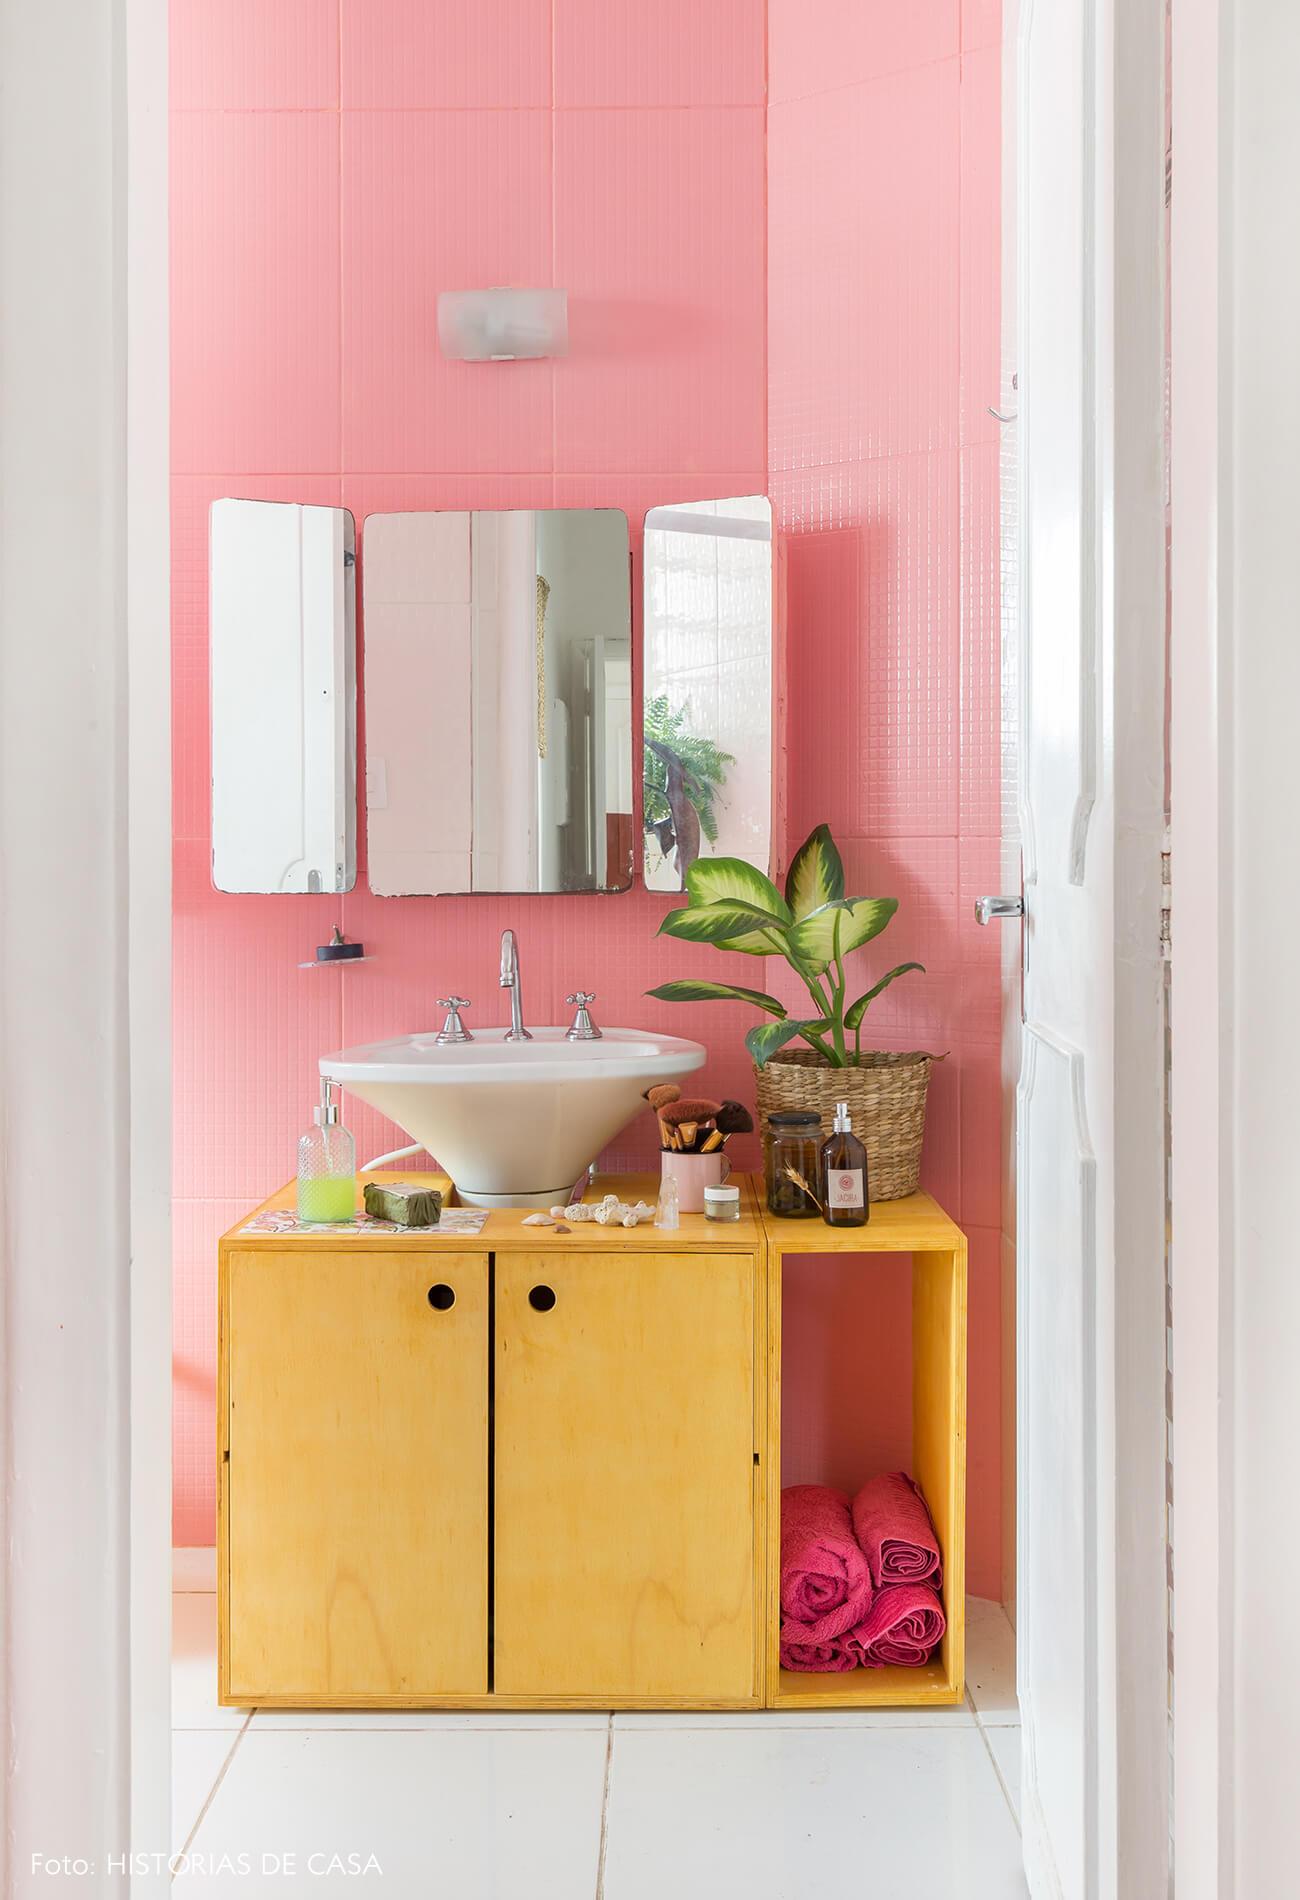 banheiro-armario-madeira-parede-ladrilhos-rosa-plantas